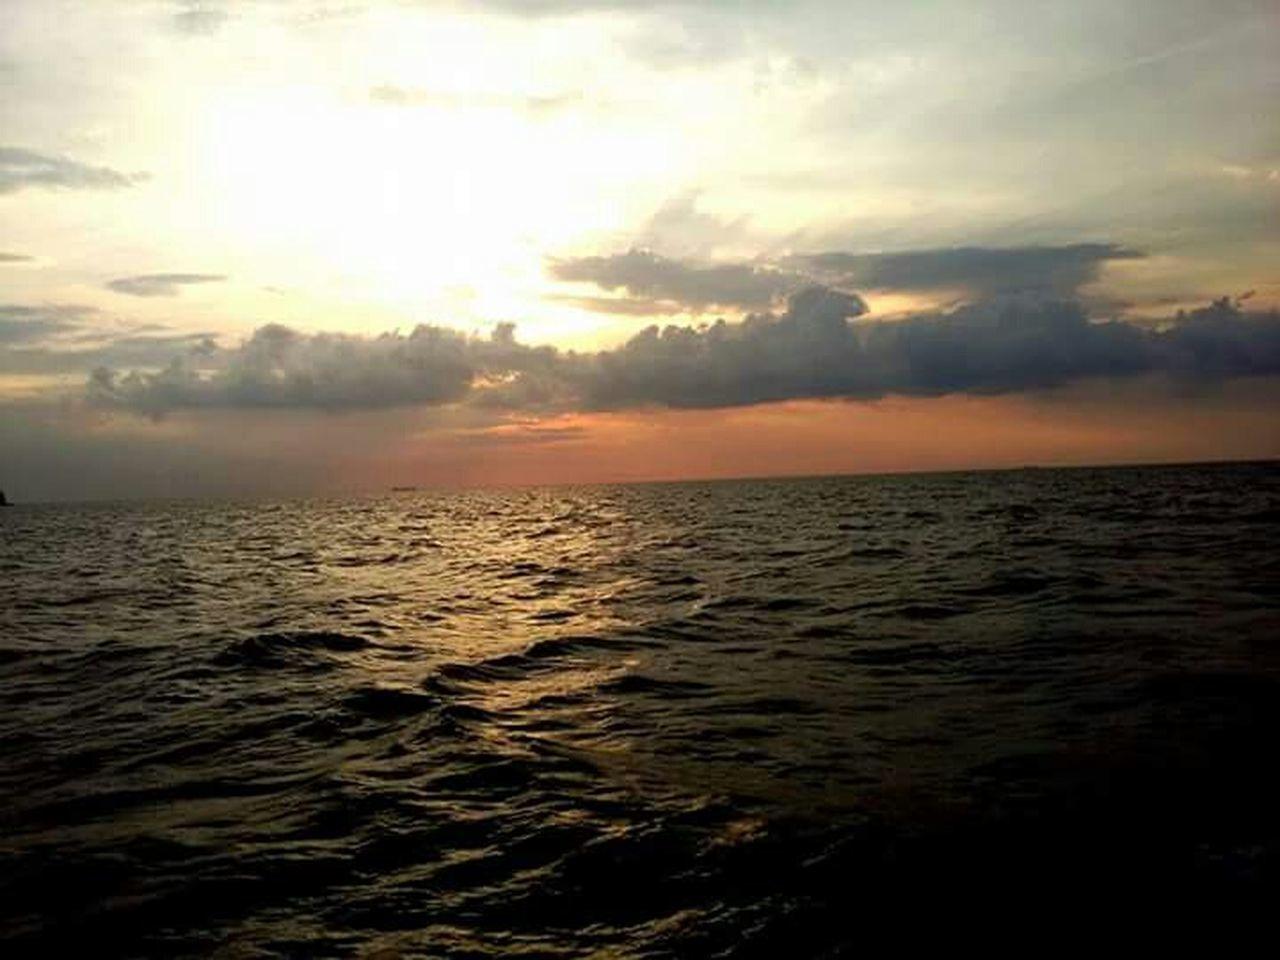 Tufkiye İstanbul Marmara sea Sunset Summer Views Samsungphones S Mini Sea